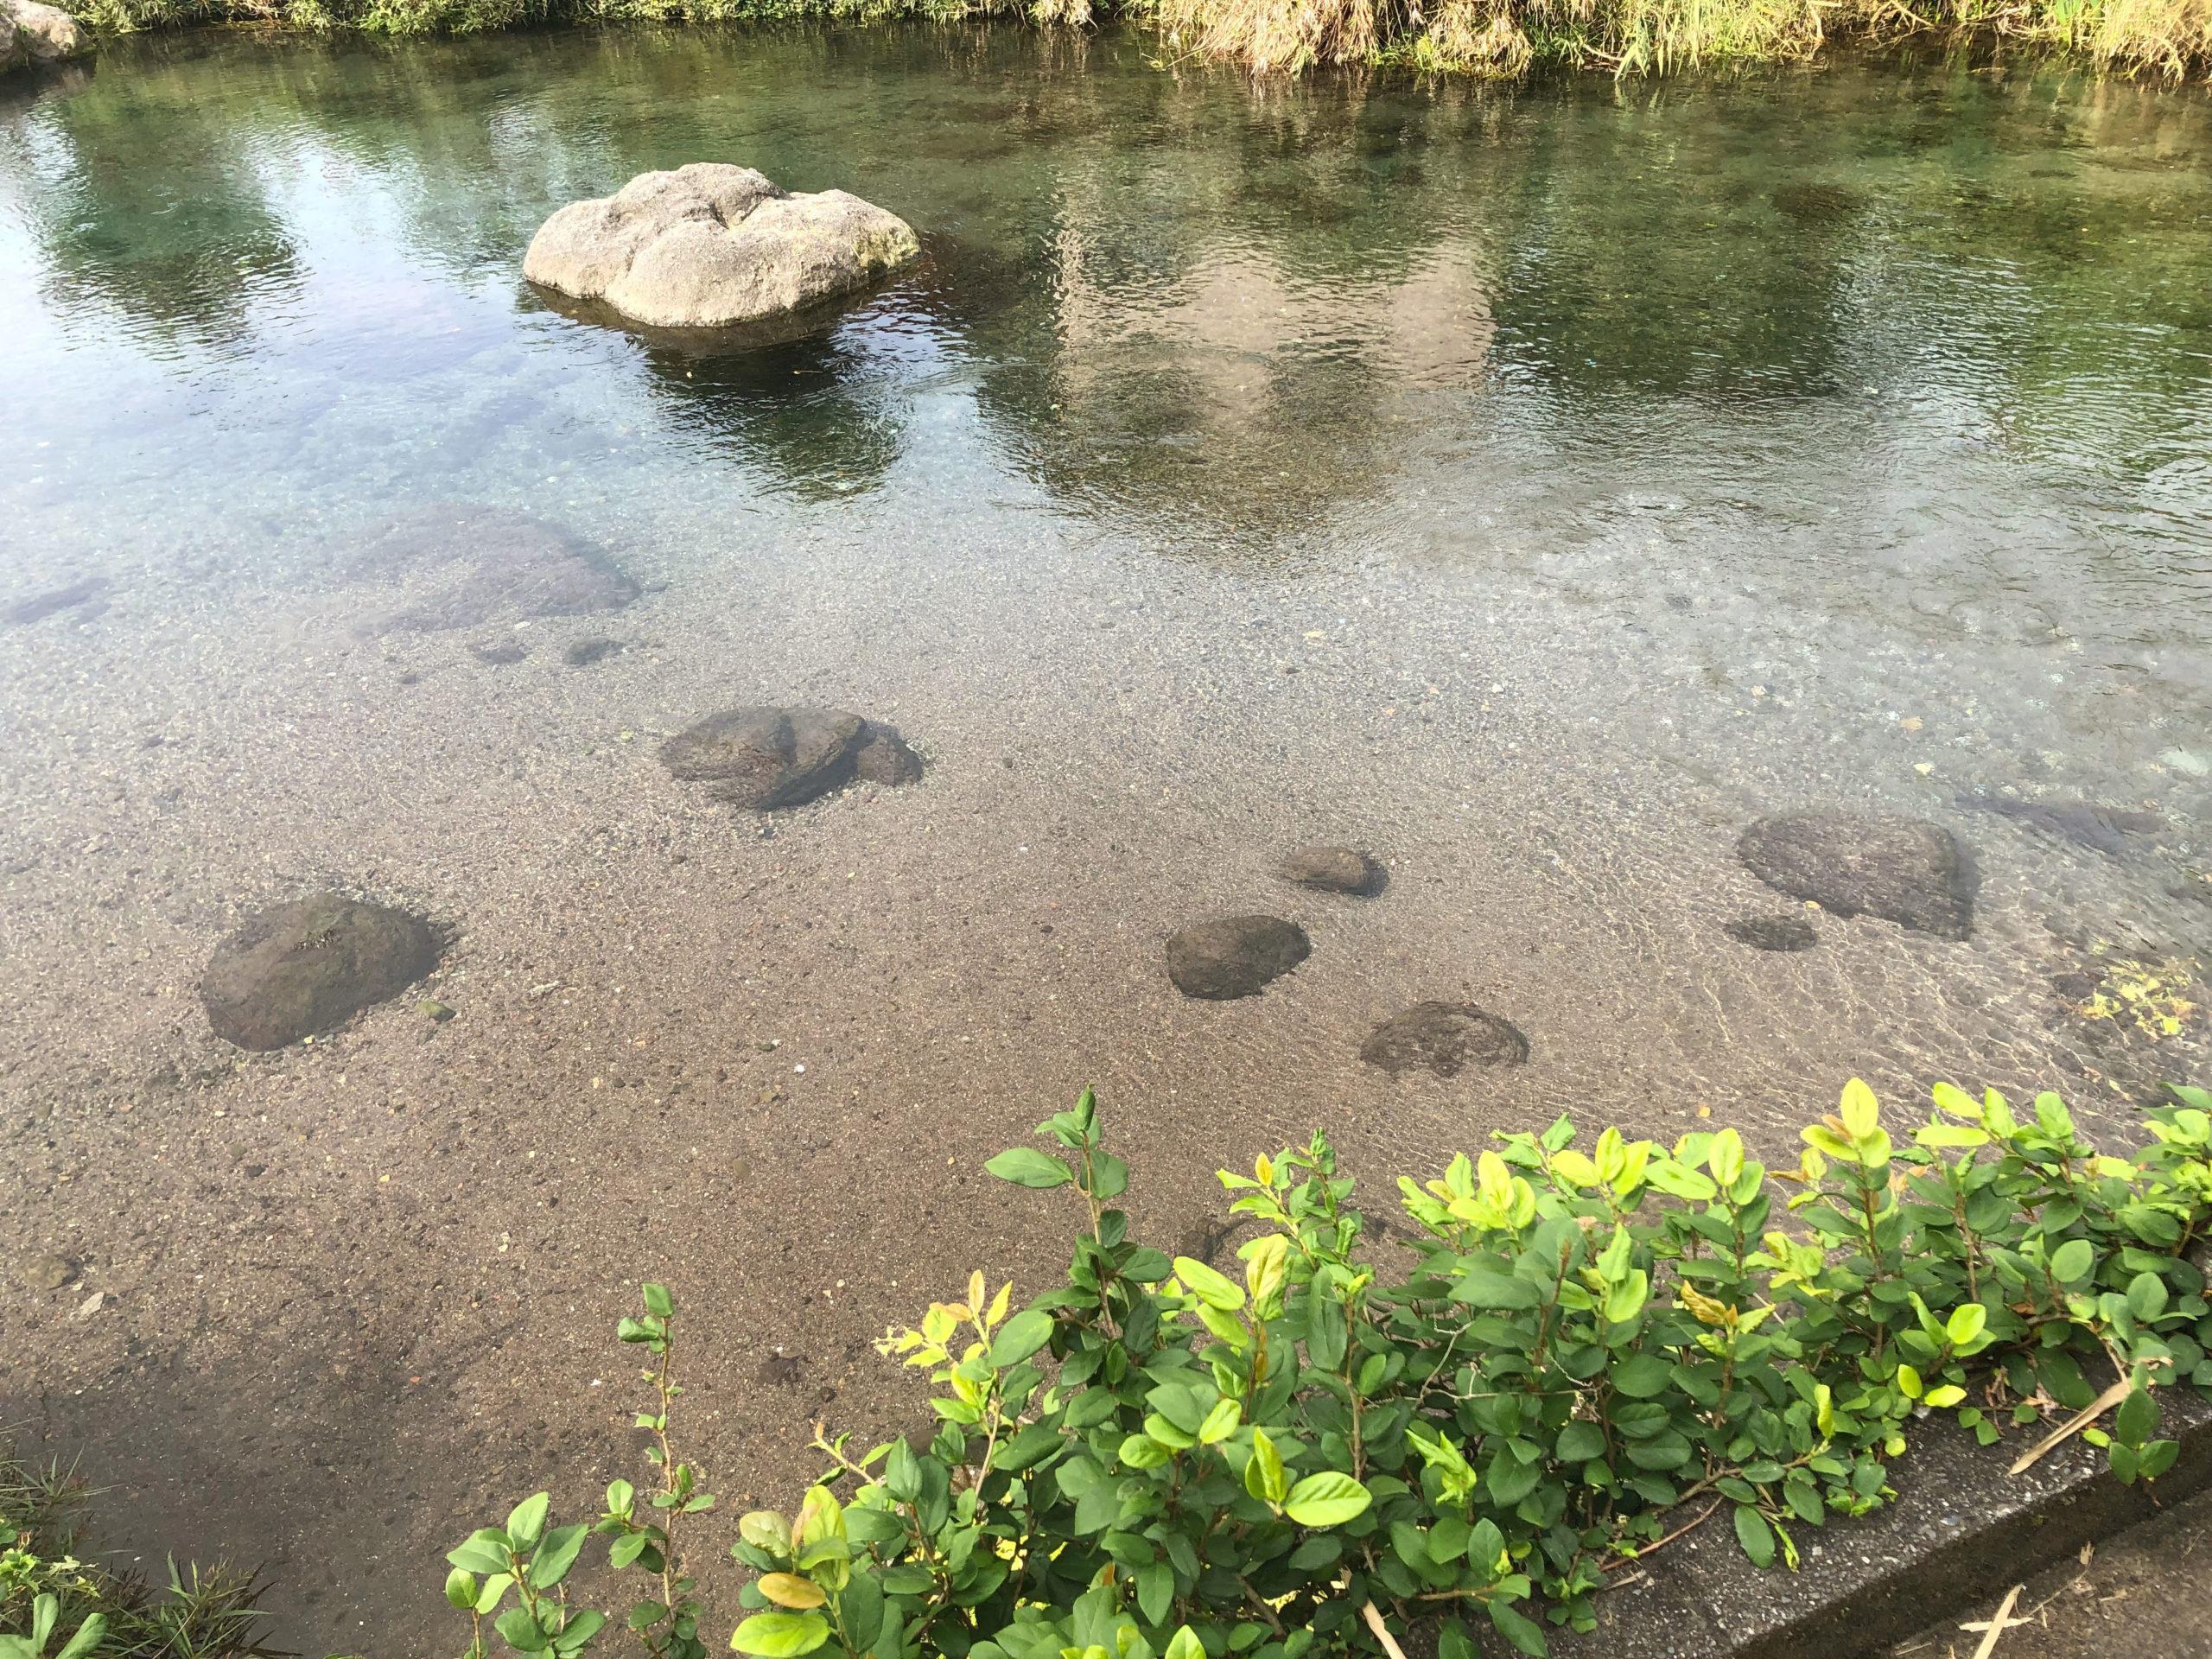 熊本市江津湖の美しい湧水が流れる場所